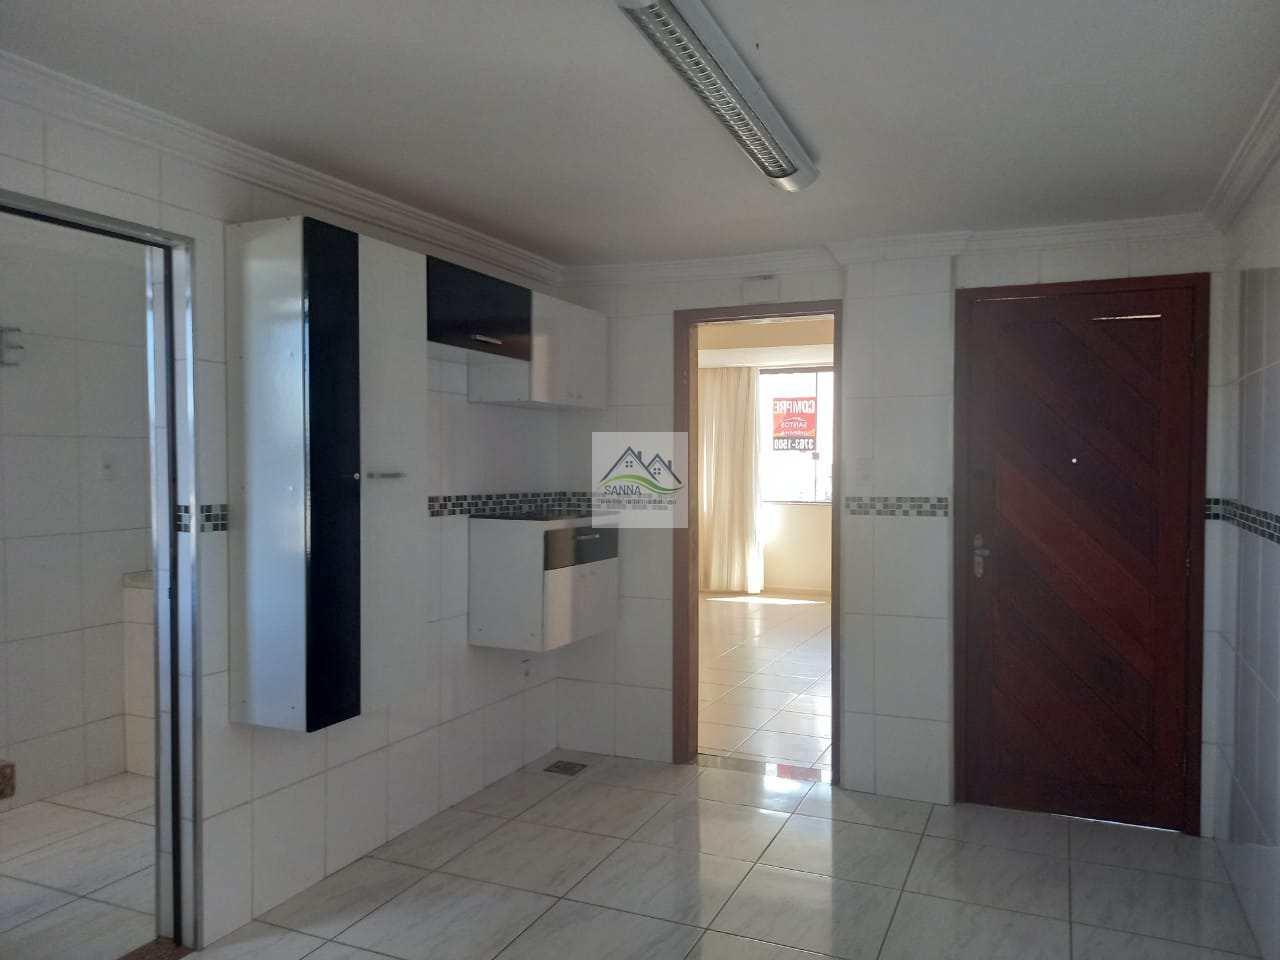 Apartamento com 2 dorms, CARIJÓS, Conselheiro Lafaiete - R$ 86 mil, Cod: SN202111